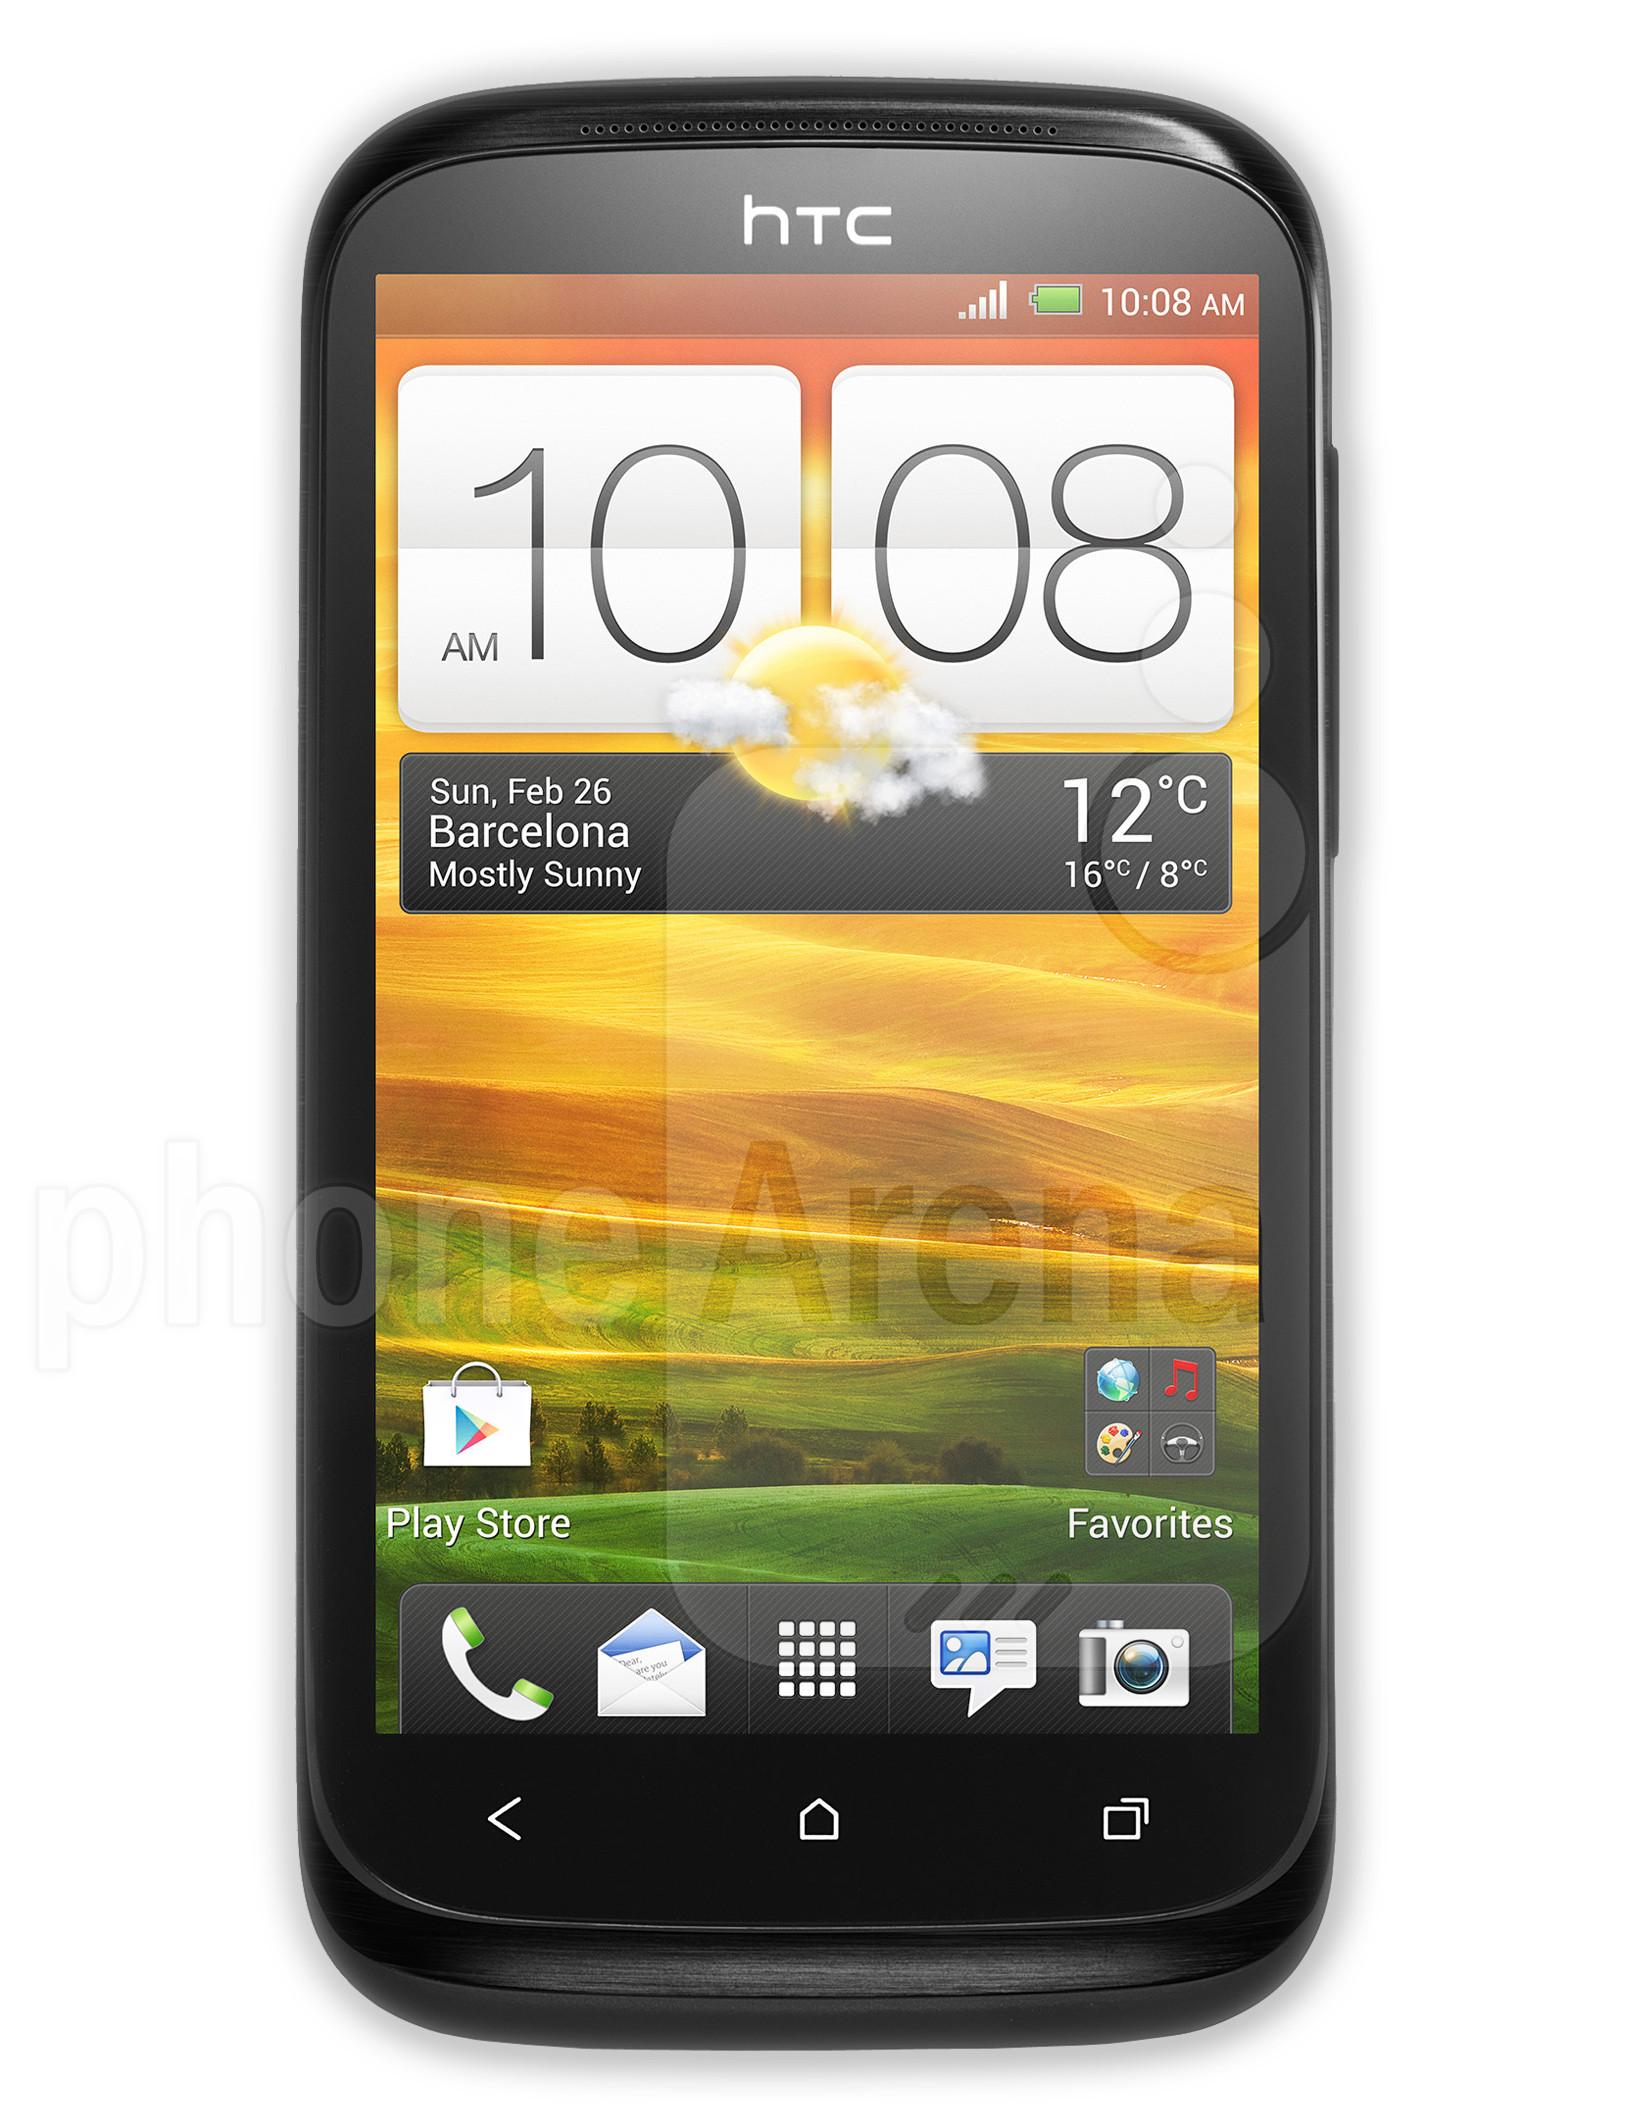 HTC Desire X specs